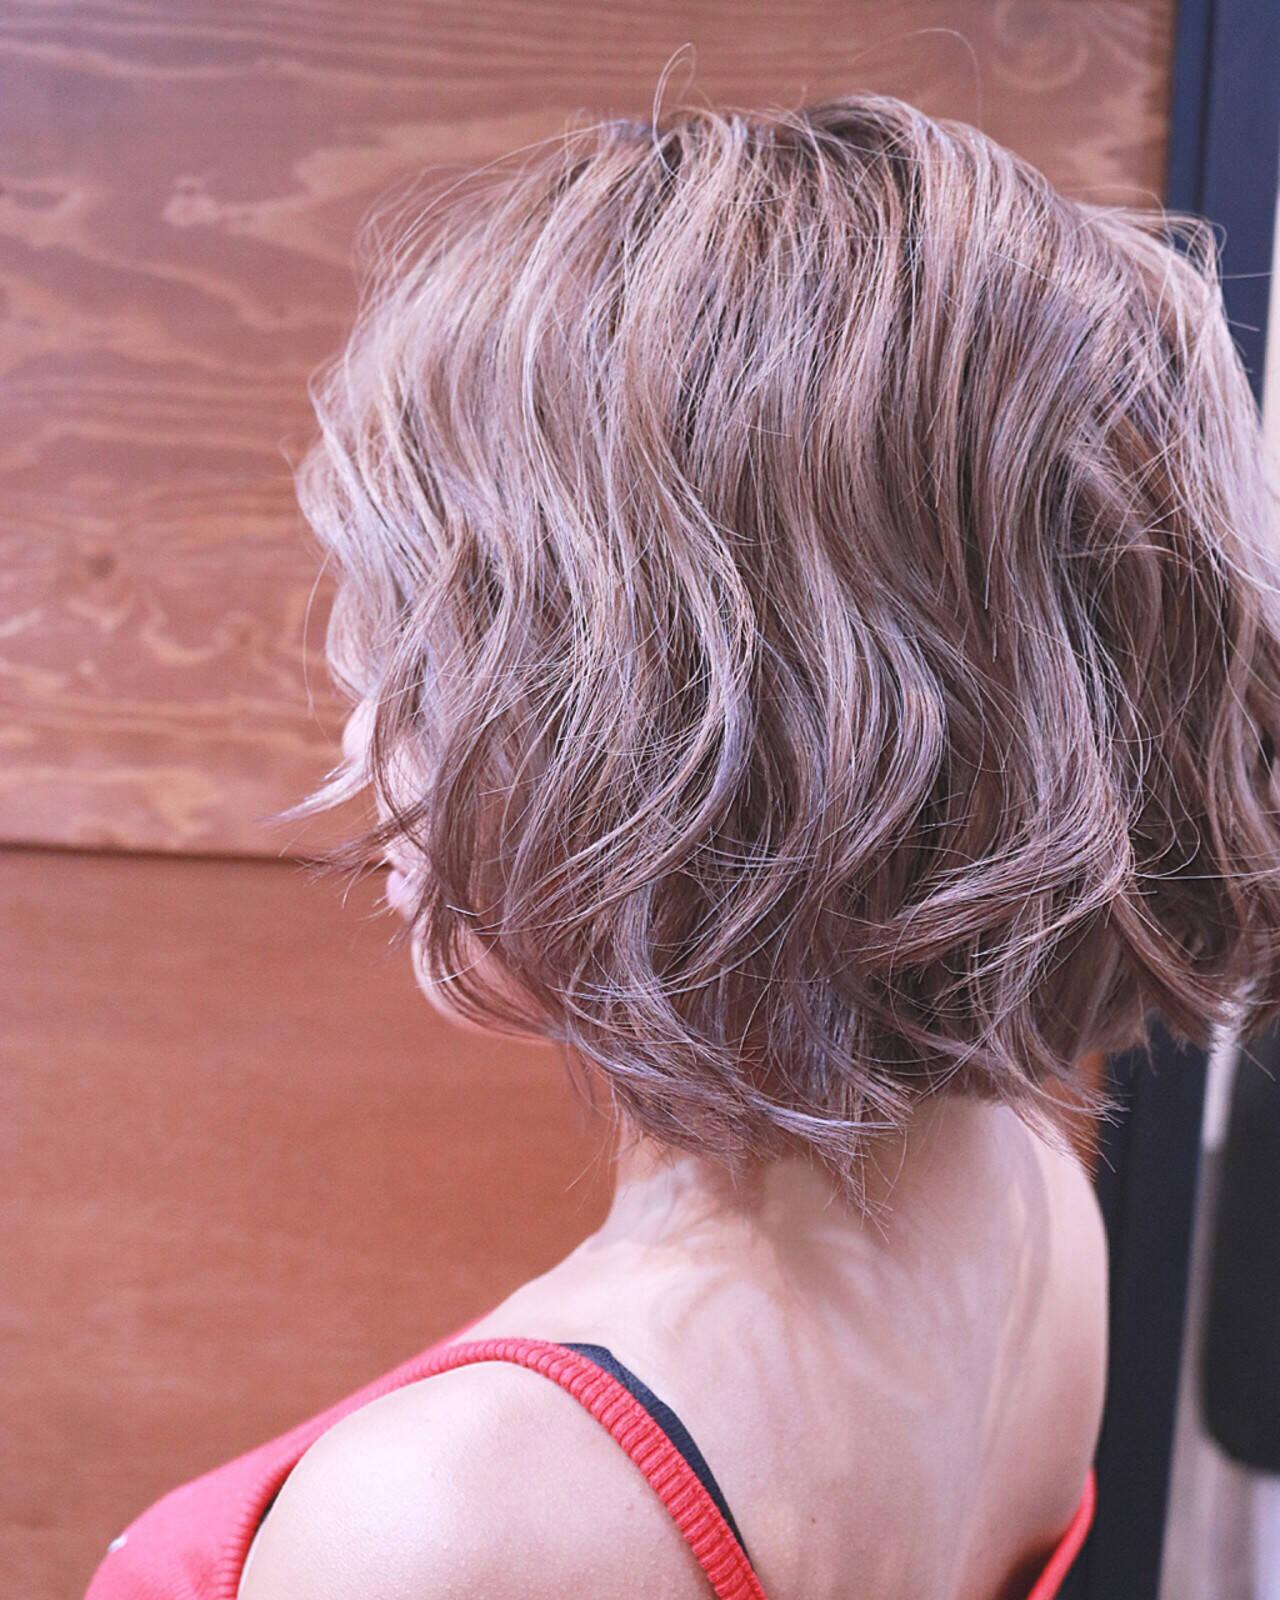 バレイヤージュ ボブ ハイライト 夏ヘアスタイルや髪型の写真・画像